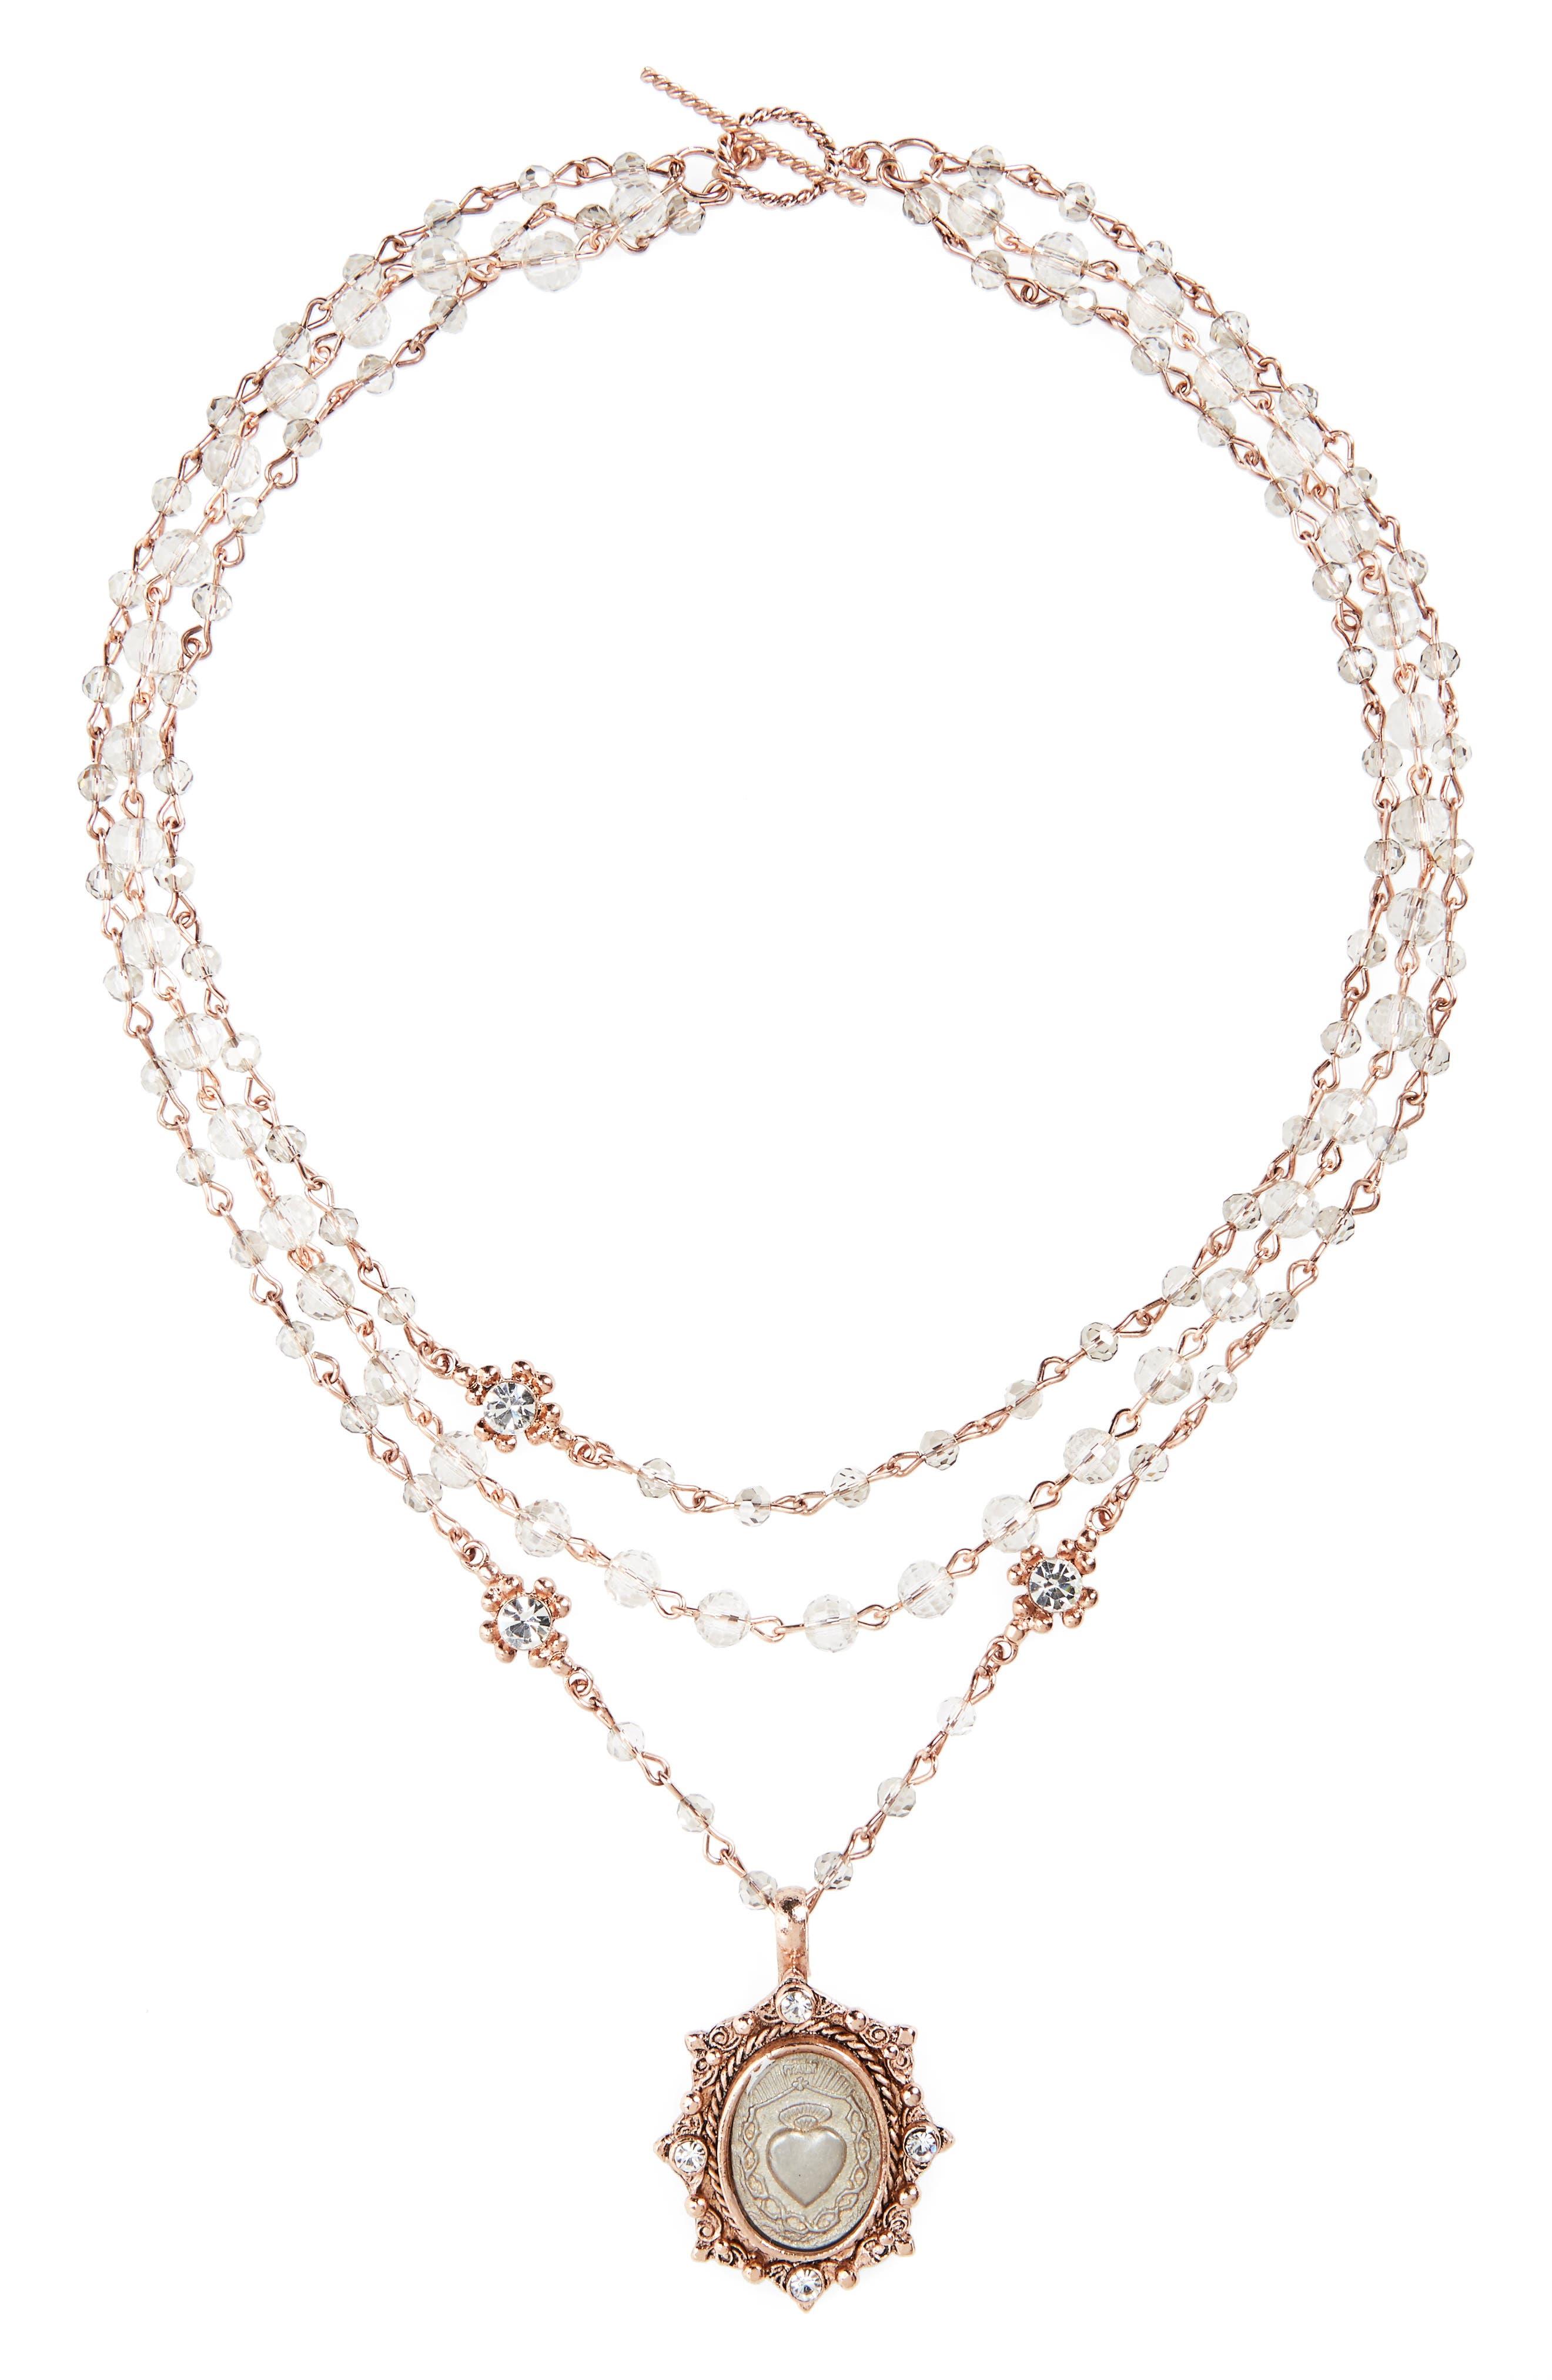 Virgins Saints & Angels Sacred Heart Magdalena Multistrand Necklace